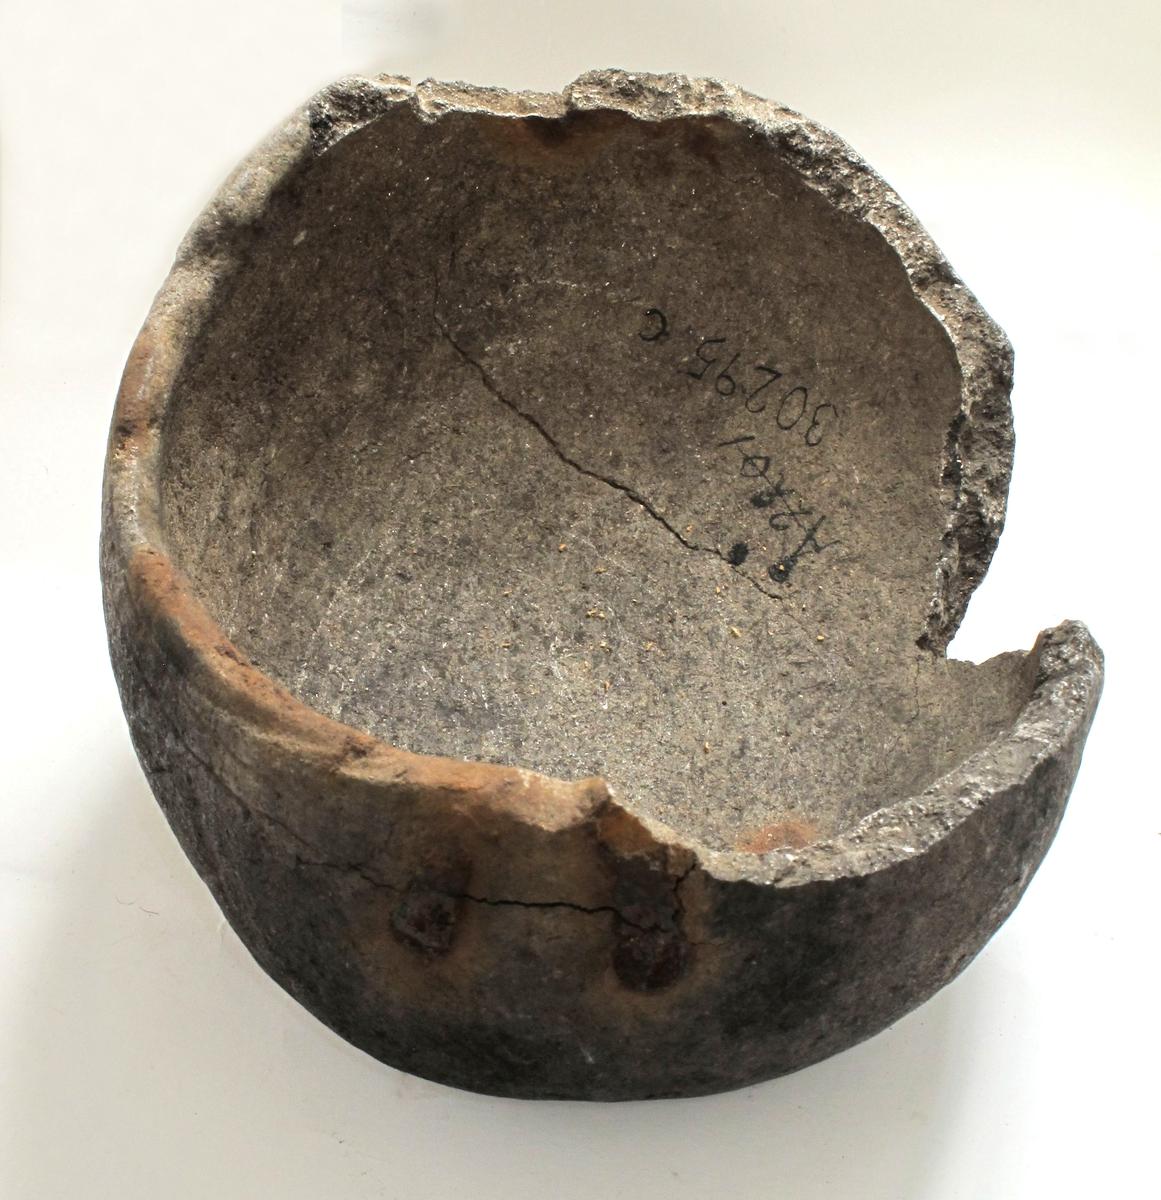 Oval bolle av kleberstein, ornert med 3 horisontale linjebunter under randen. Rester av hankefeste på den ene siden. Dette består av 2 smale skråttstilte jernbånd, nederst festet med en nagle. Rustspor etter hanken på den ene siden av randen. Den ene halvdel av karet temmelig mangelfullt bevart.